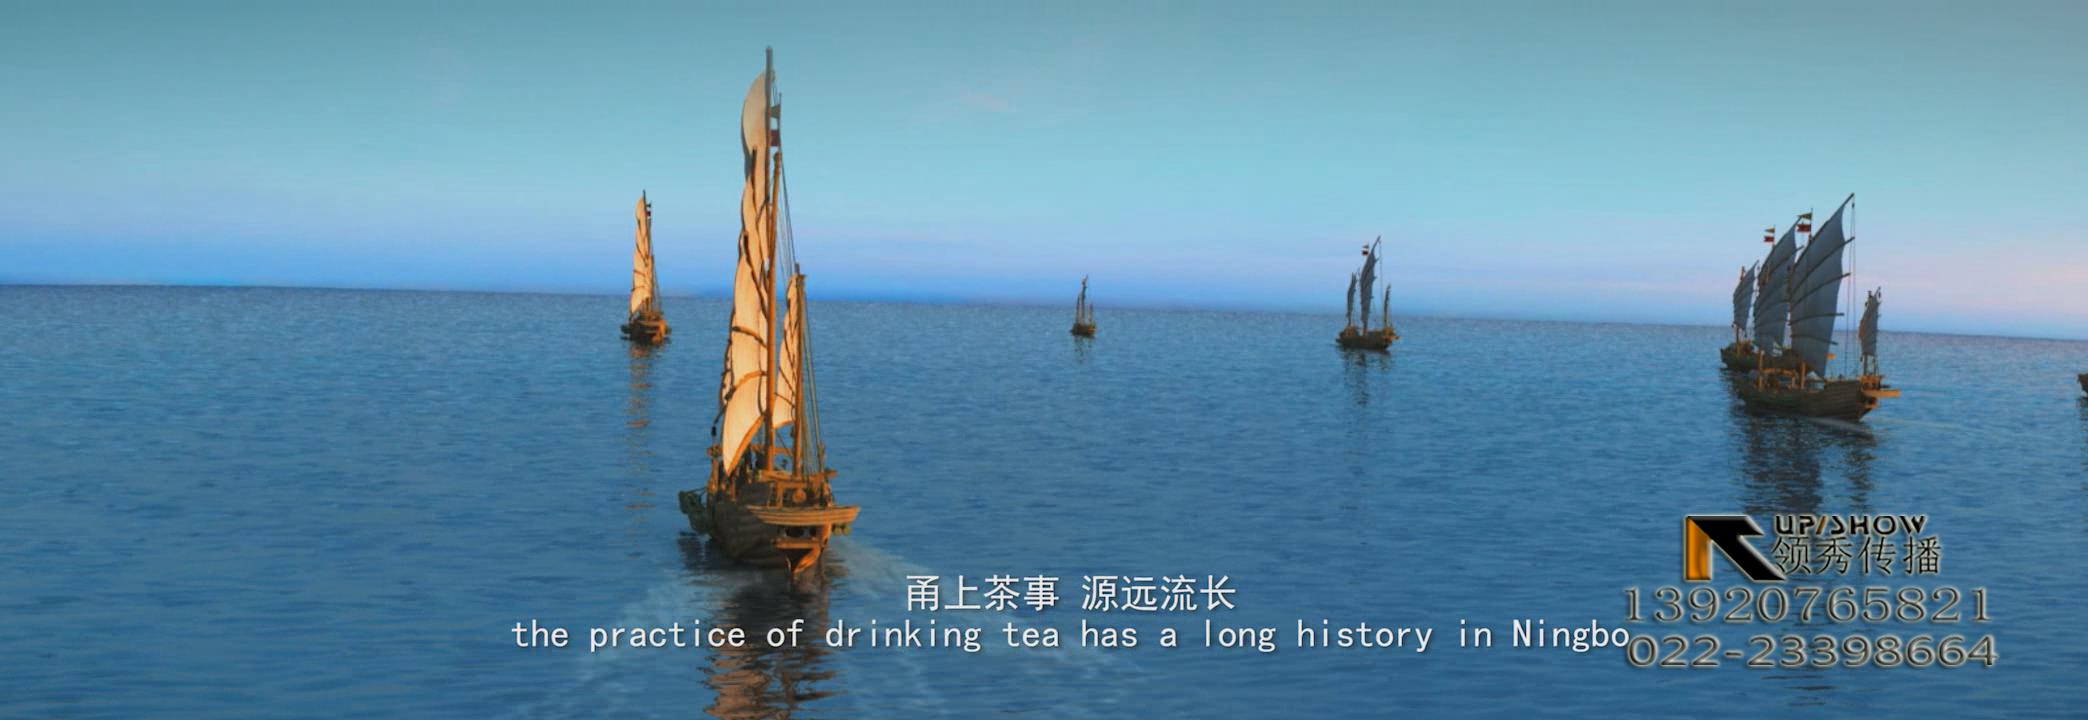 宁波禅文化博物馆视频宣传